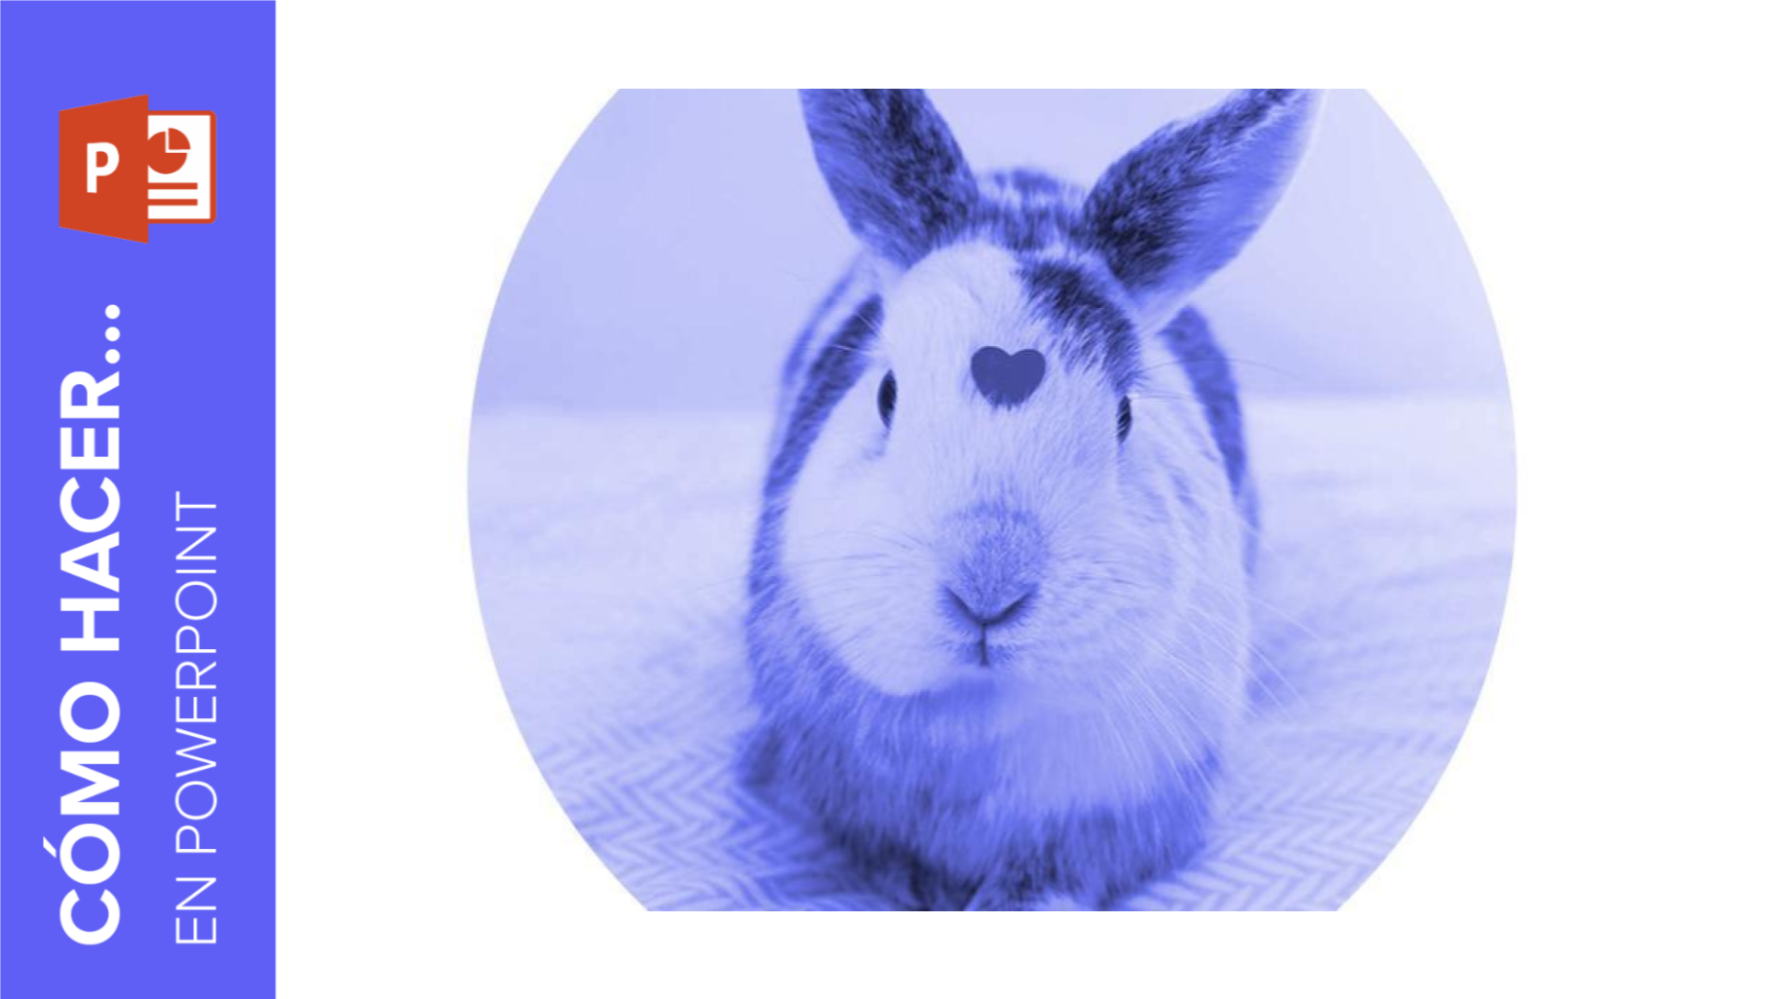 Cómo aplicar filtros a tus fotografías en PowerPoint | Tutoriales y Tips para tus presentaciones